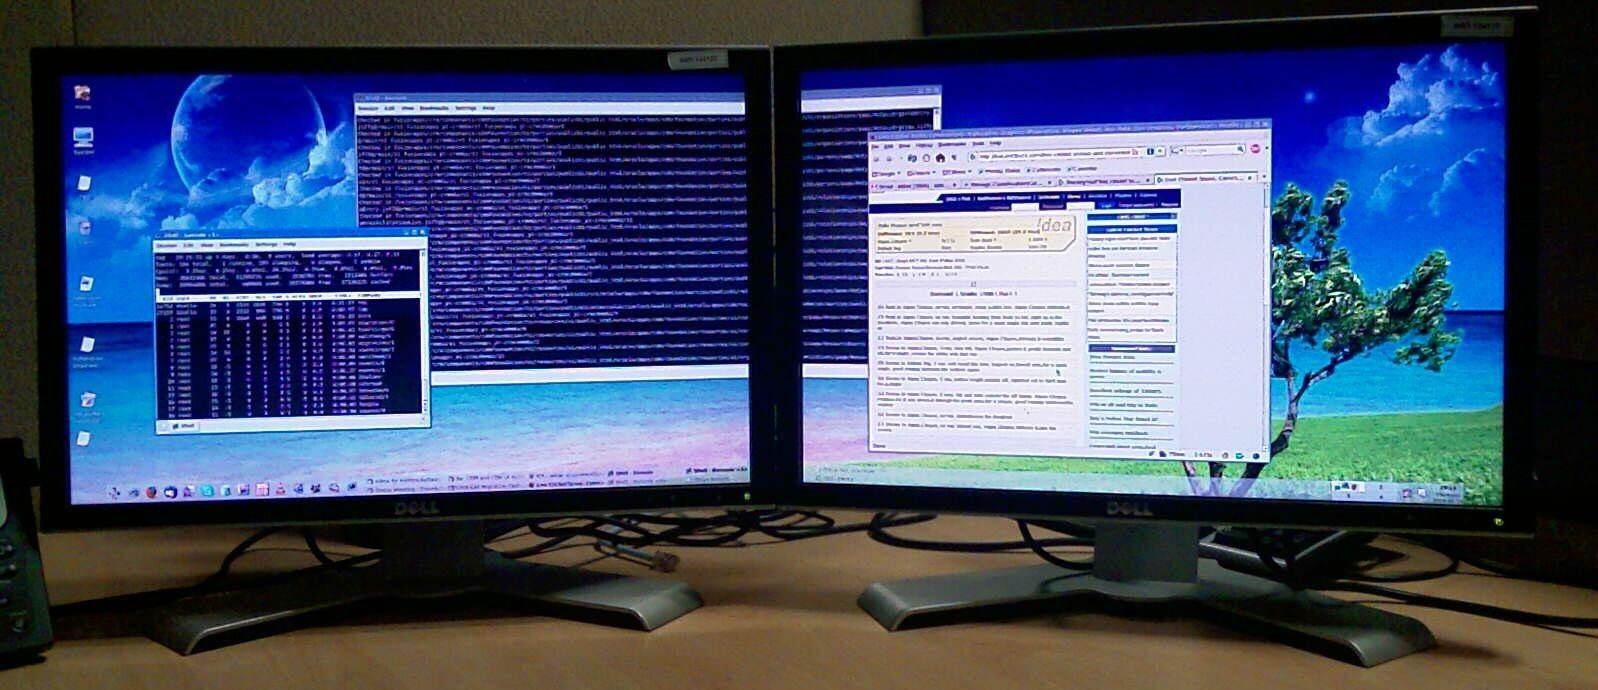 Wallpaper Windows 10 Three Monitors